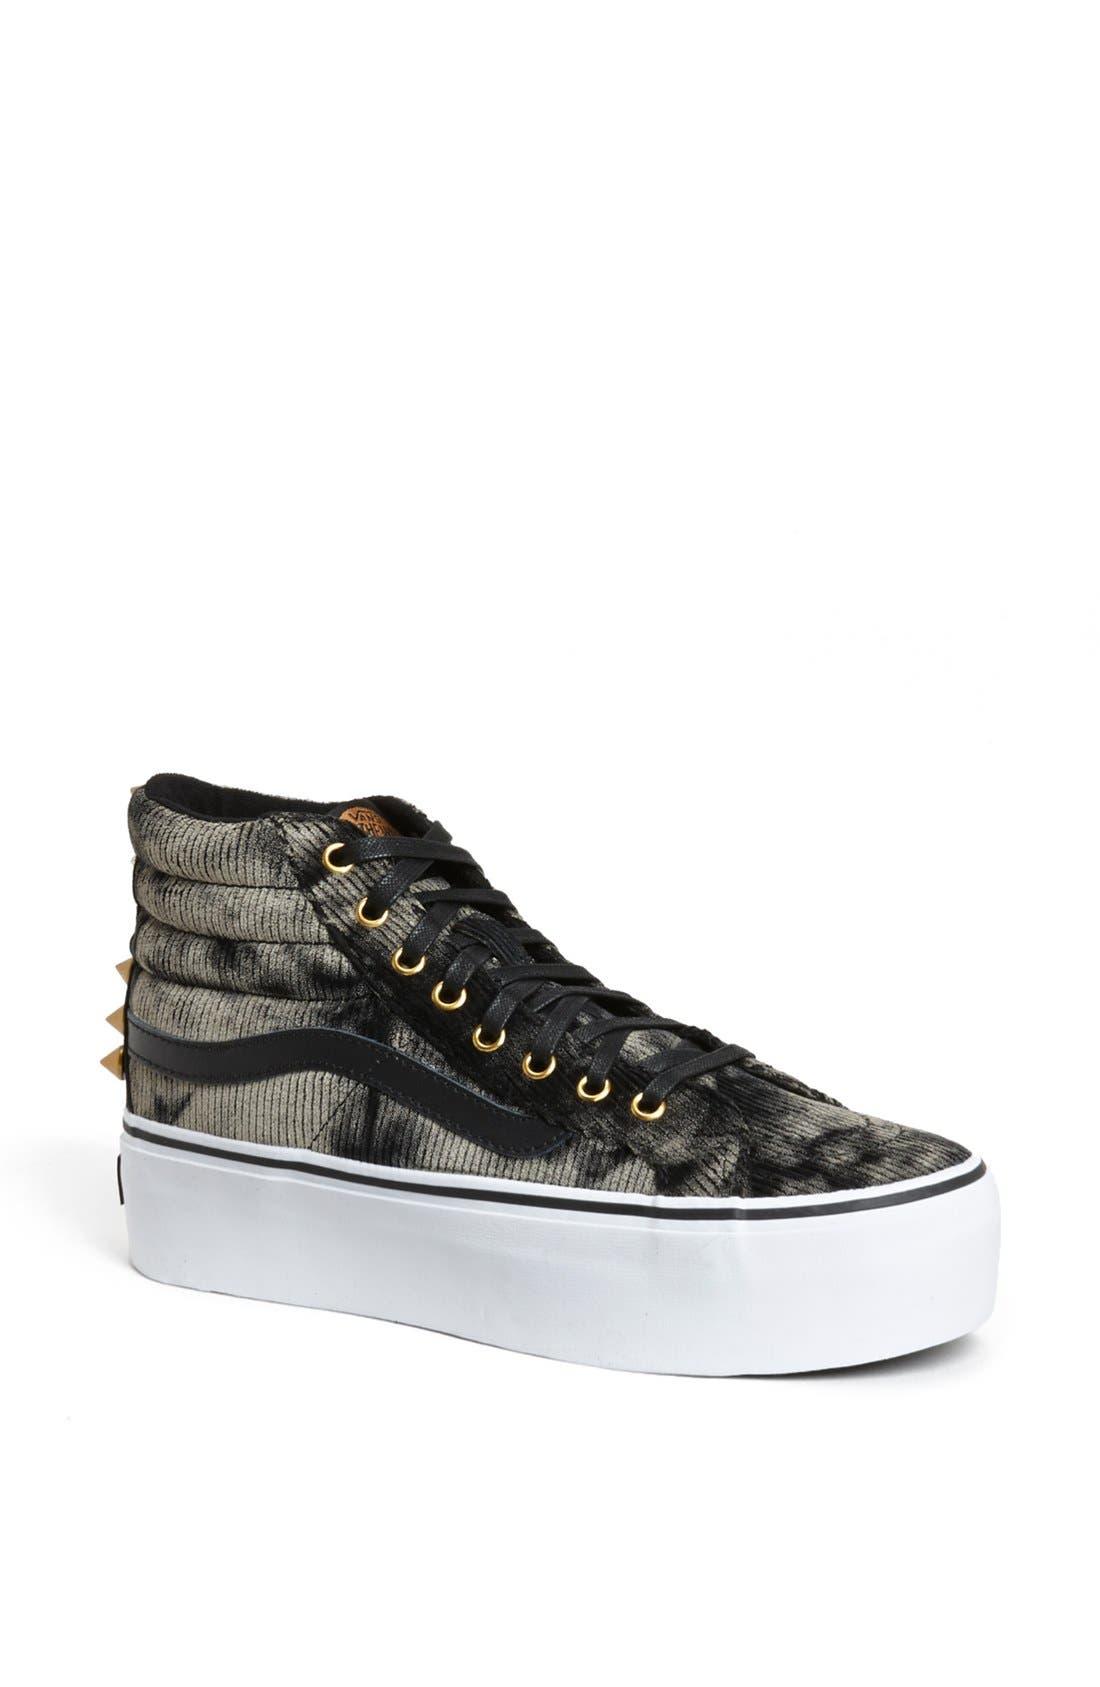 Main Image - Vans 'Sk8 HI' Studded Platform Sneaker